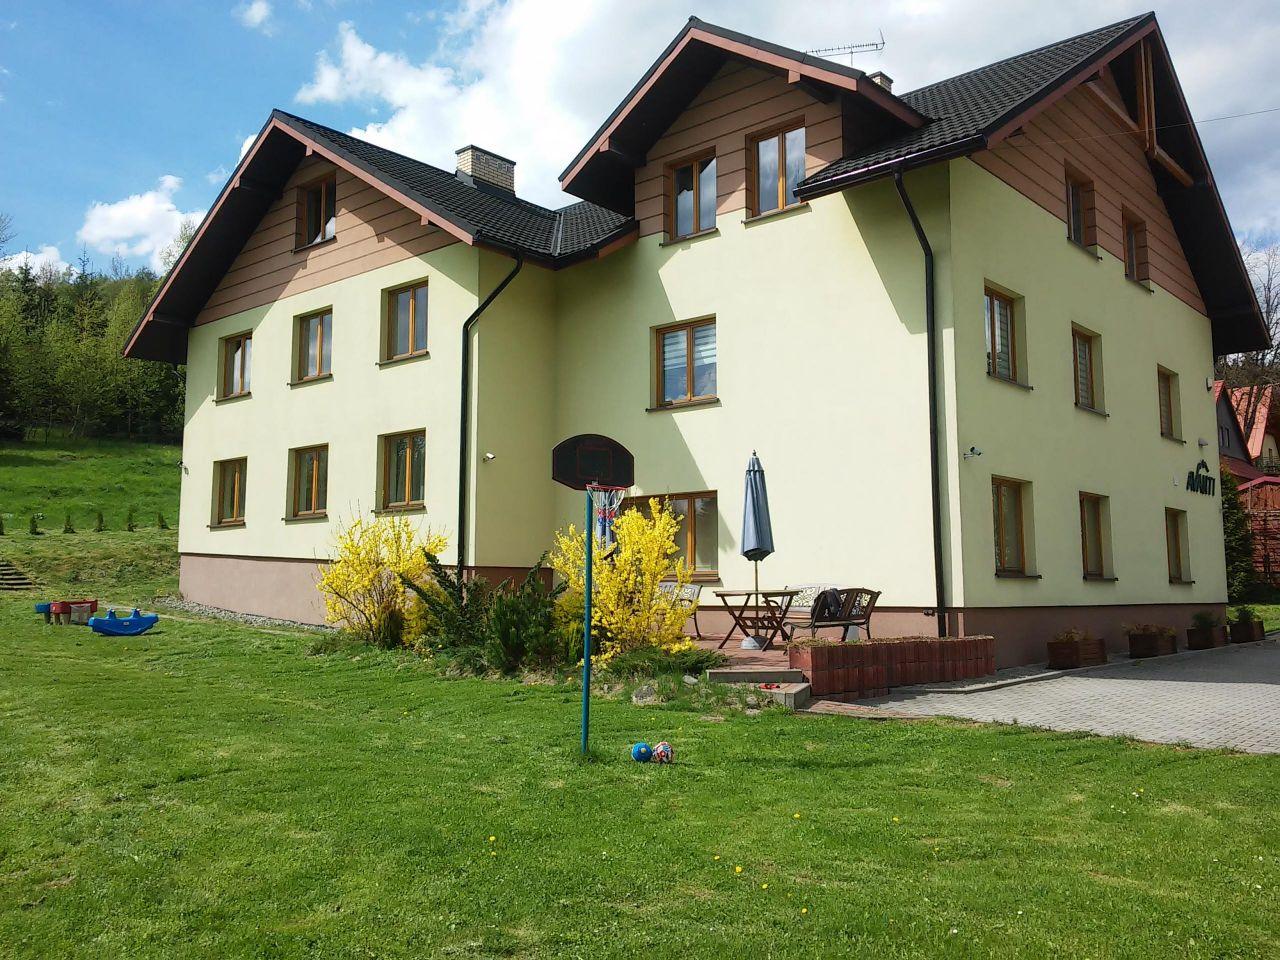 hotel/pensjonat, 20 pokoi Krynica-Zdrój Stara Droga, ul. Stara Droga